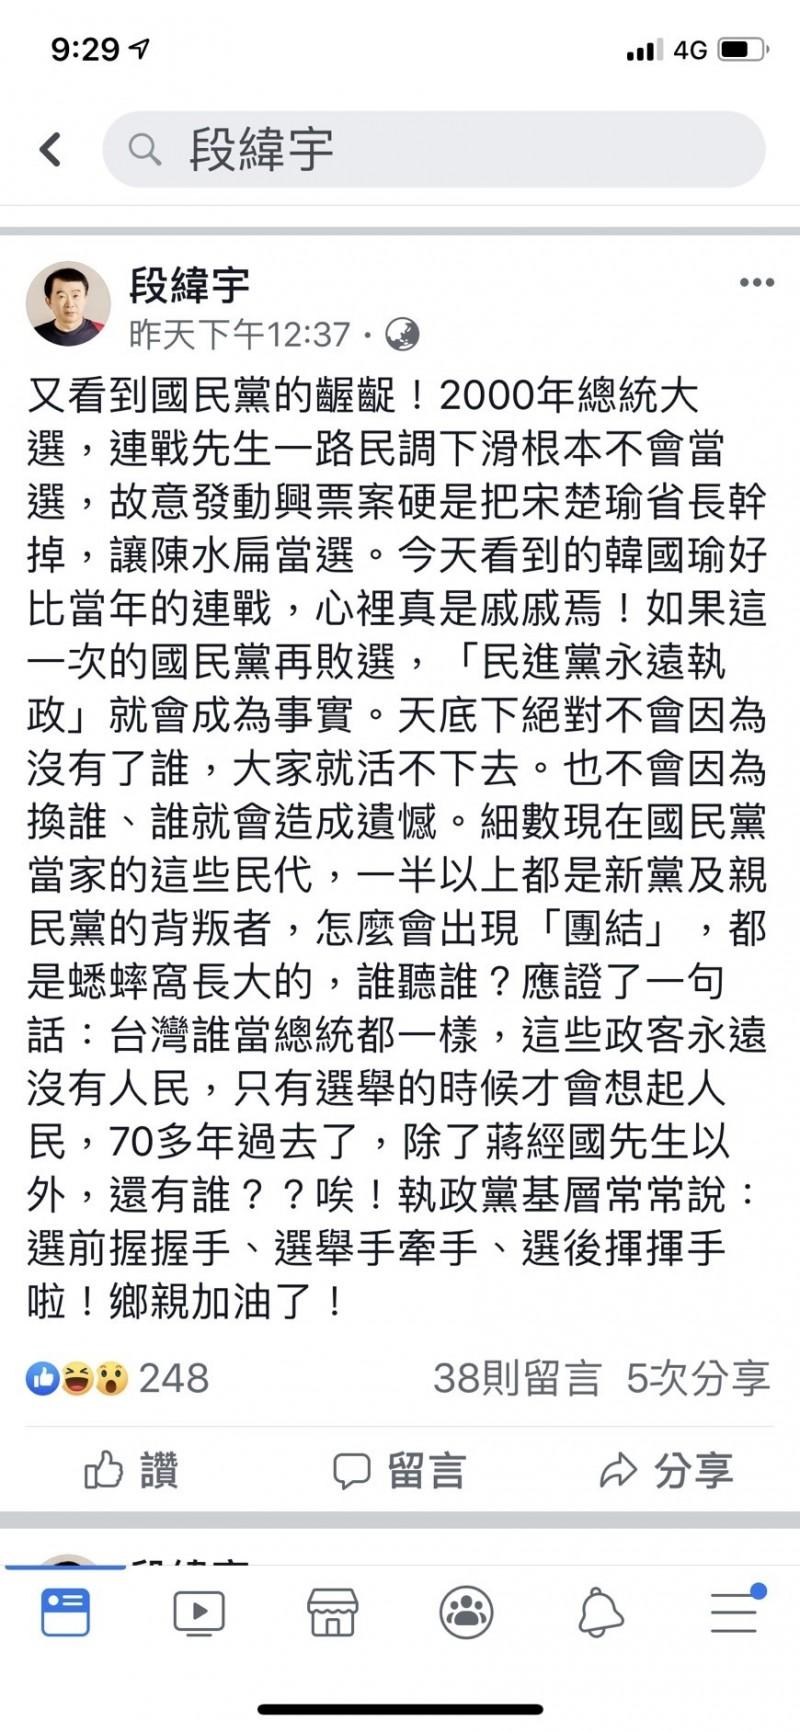 親民黨議員段緯宇在臉書預言韓國瑜恐是二千年的連戰(取自段緯宇臉書)